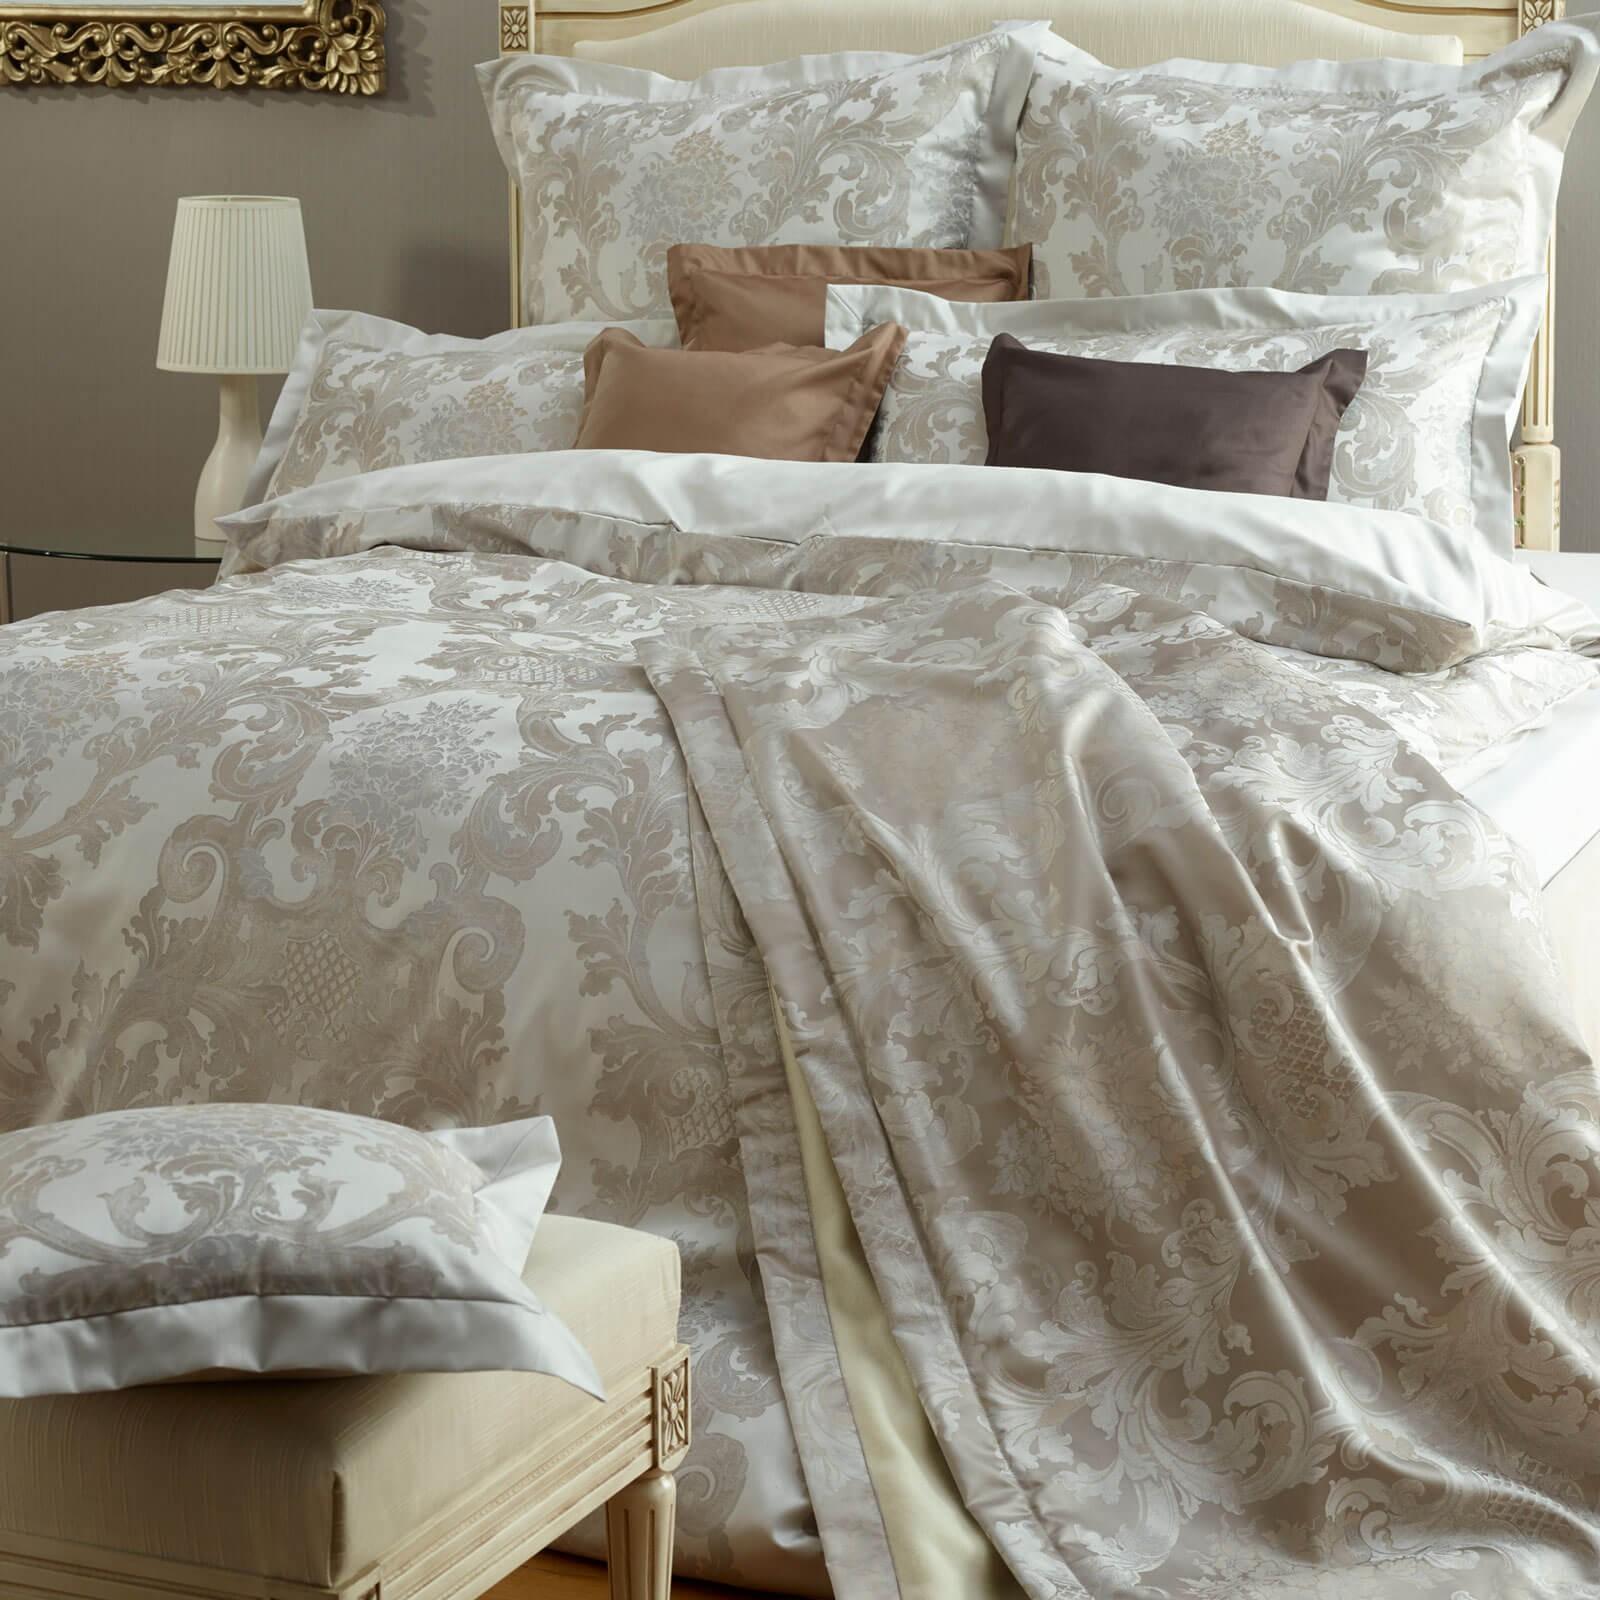 bettw sche curt bauer louis 2476 altsilber. Black Bedroom Furniture Sets. Home Design Ideas